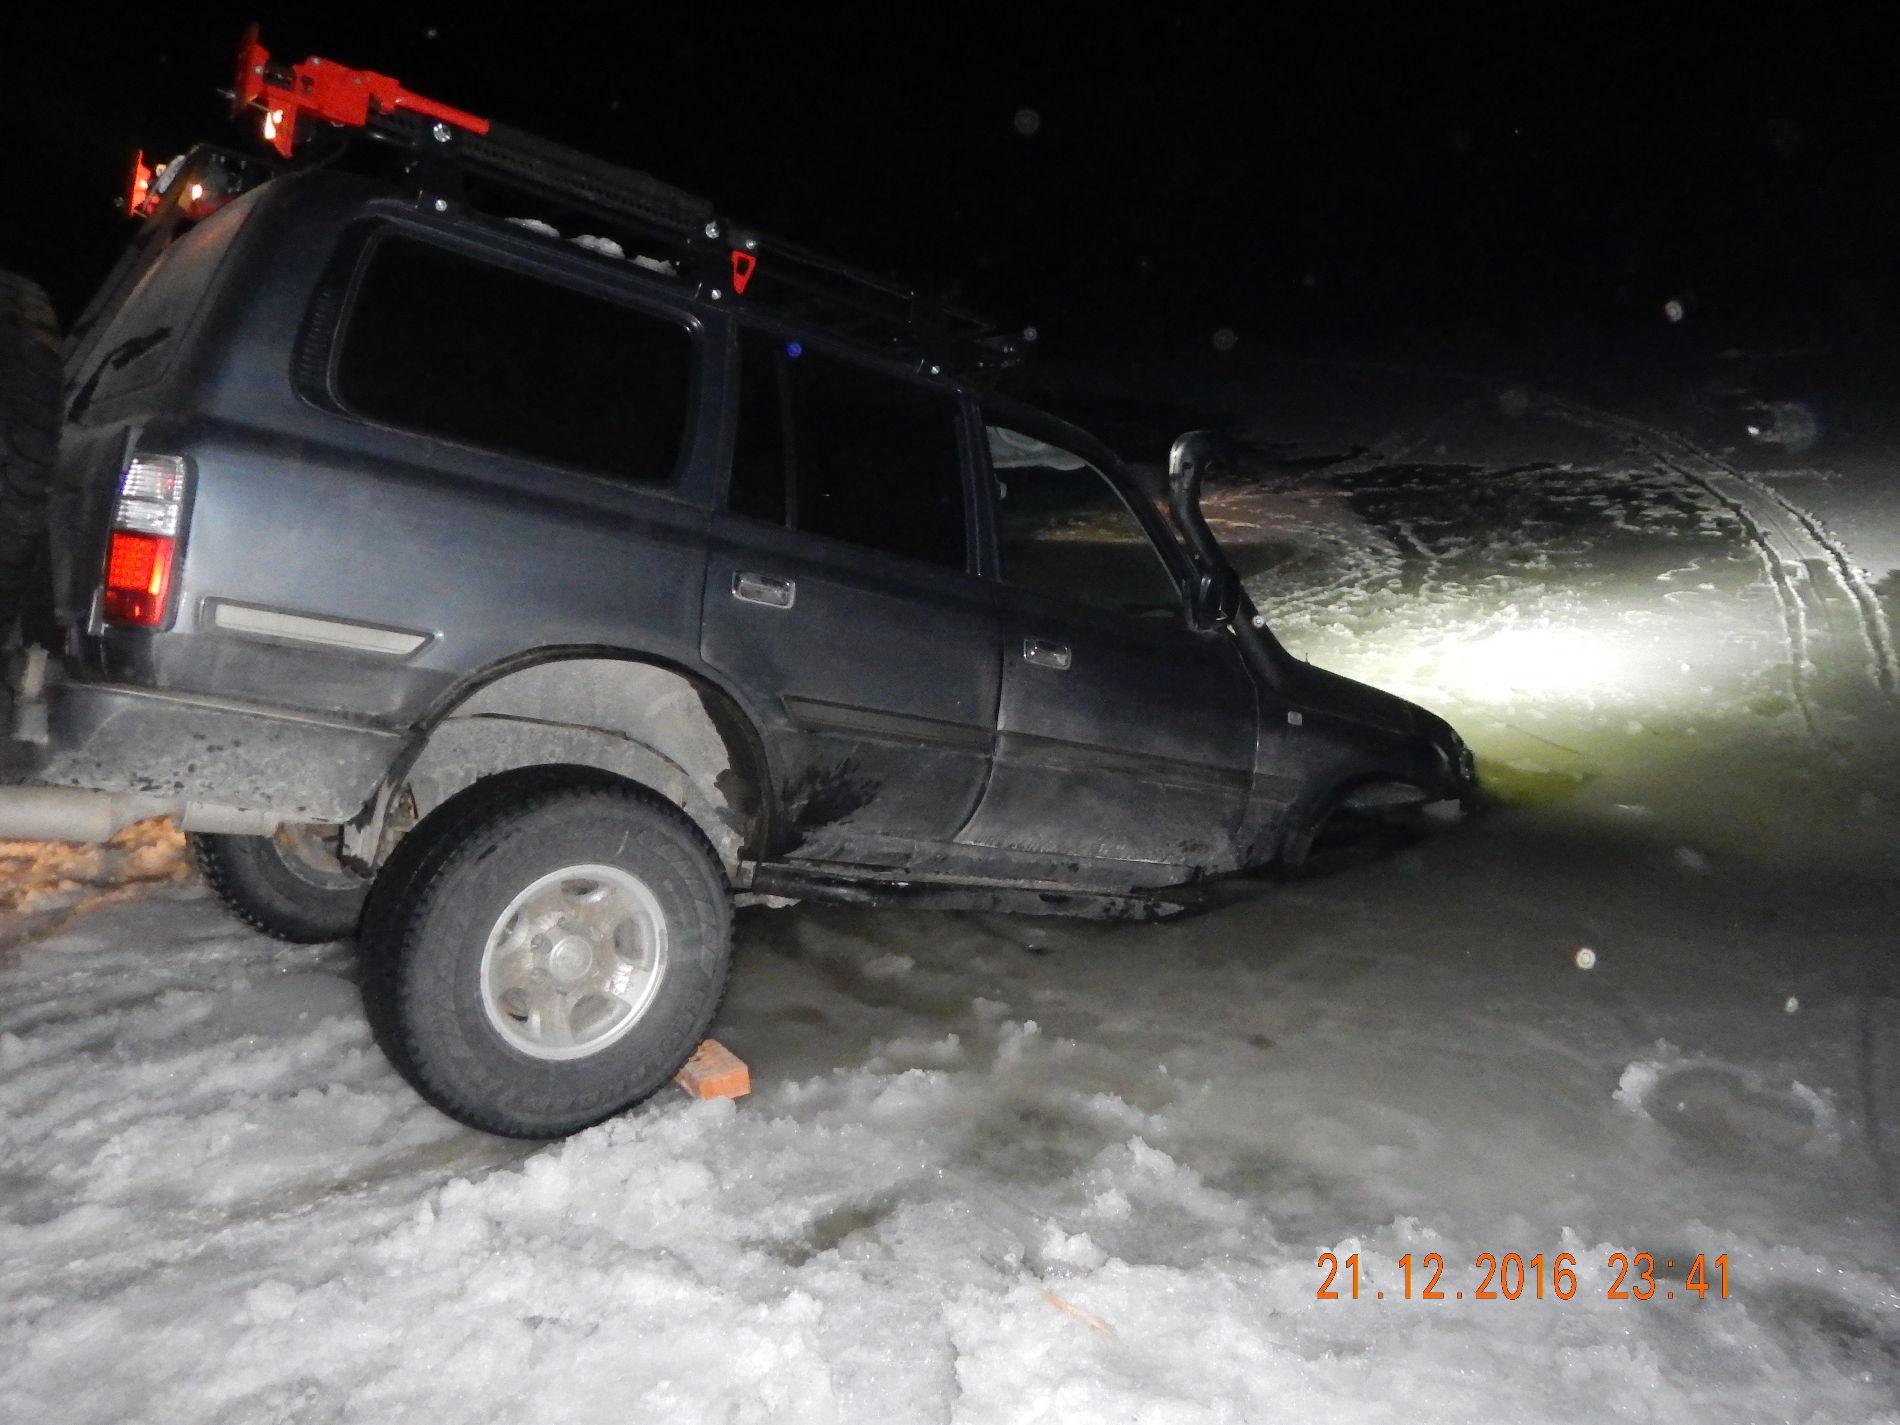 НаКубани вседорожный автомобиль слюдьми провалился под лед